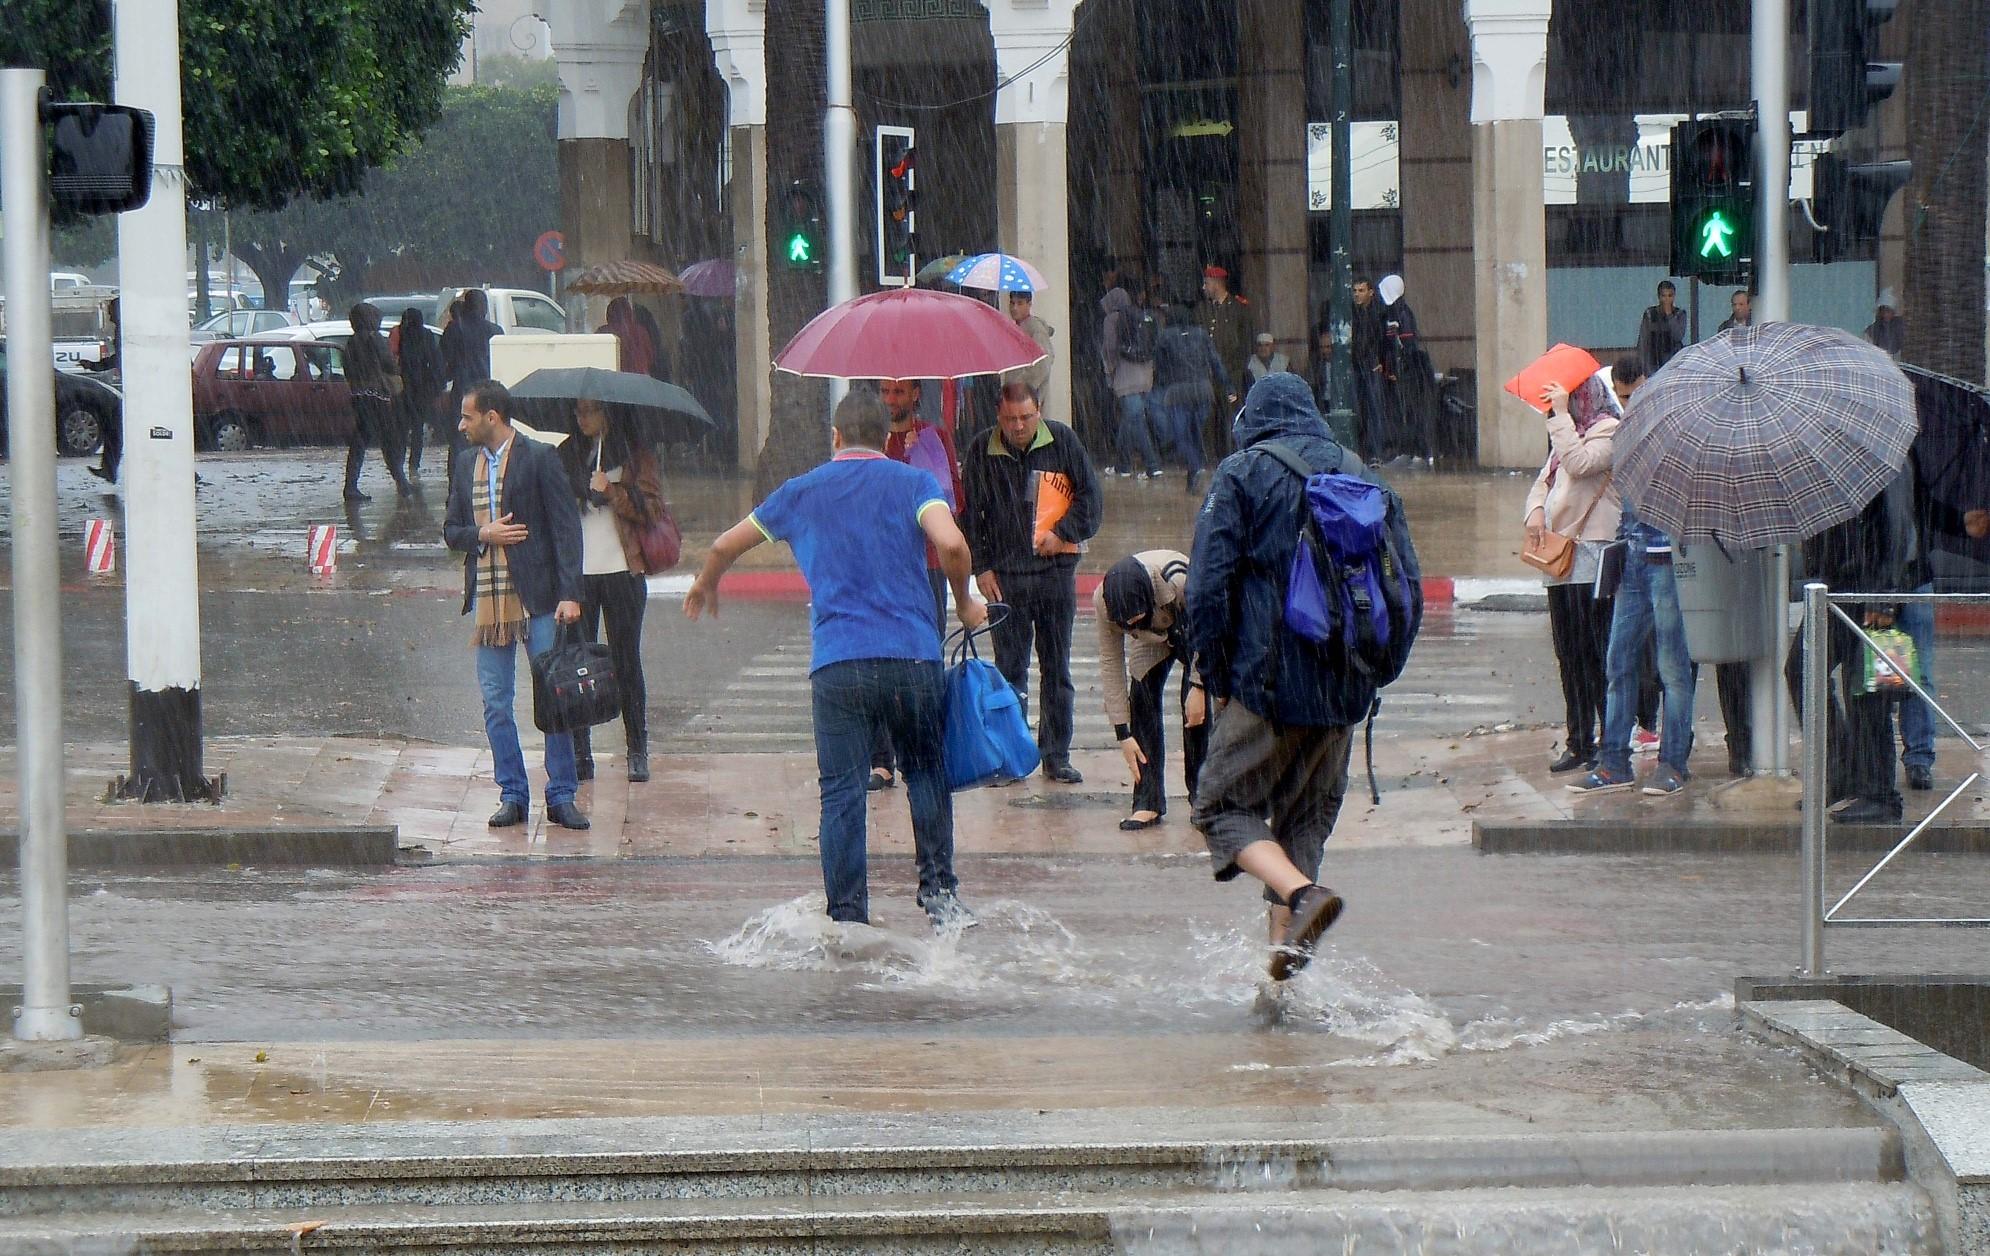 طقس الخميس.. أمطار متفرقة واستمرار الأجواء الباردة